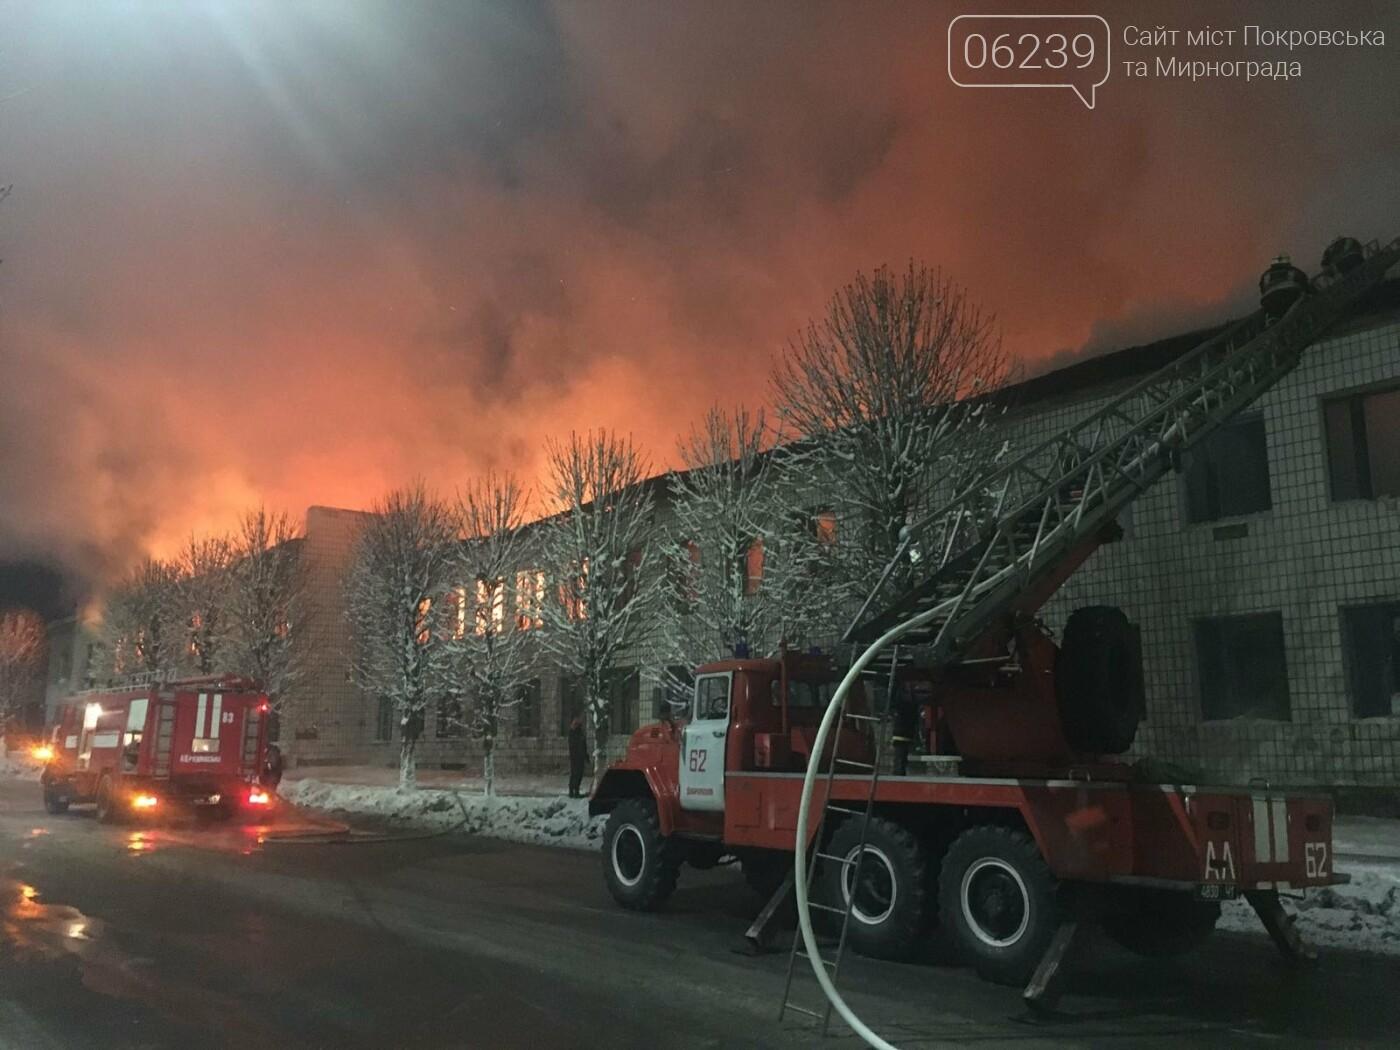 Стали известны детали пожара здания ВЦ в центре Мирнограда, фото-3